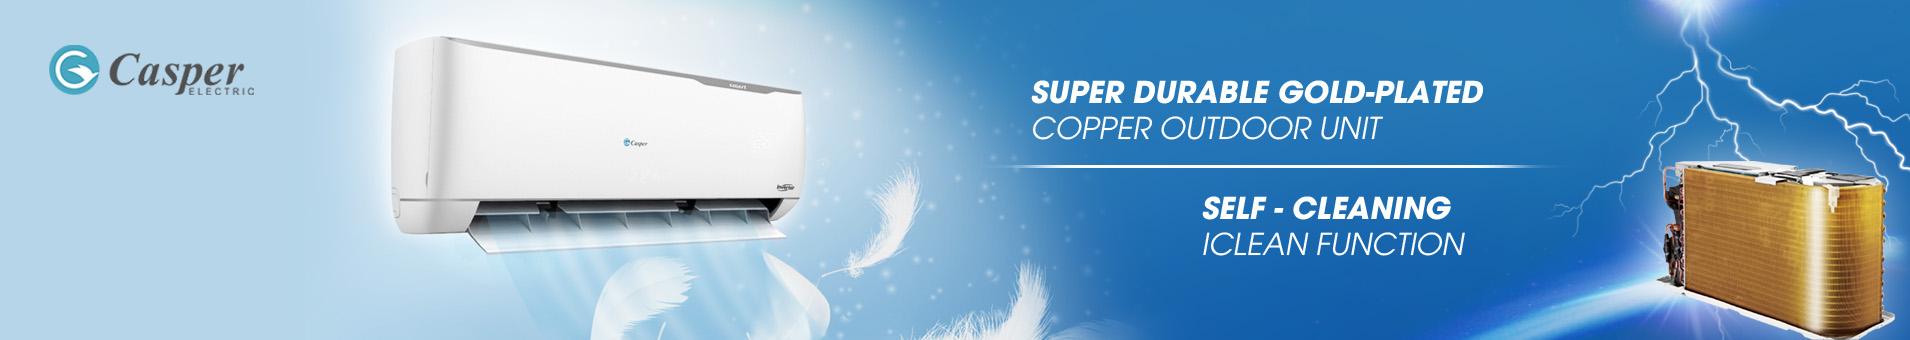 Casper Air Conditioners